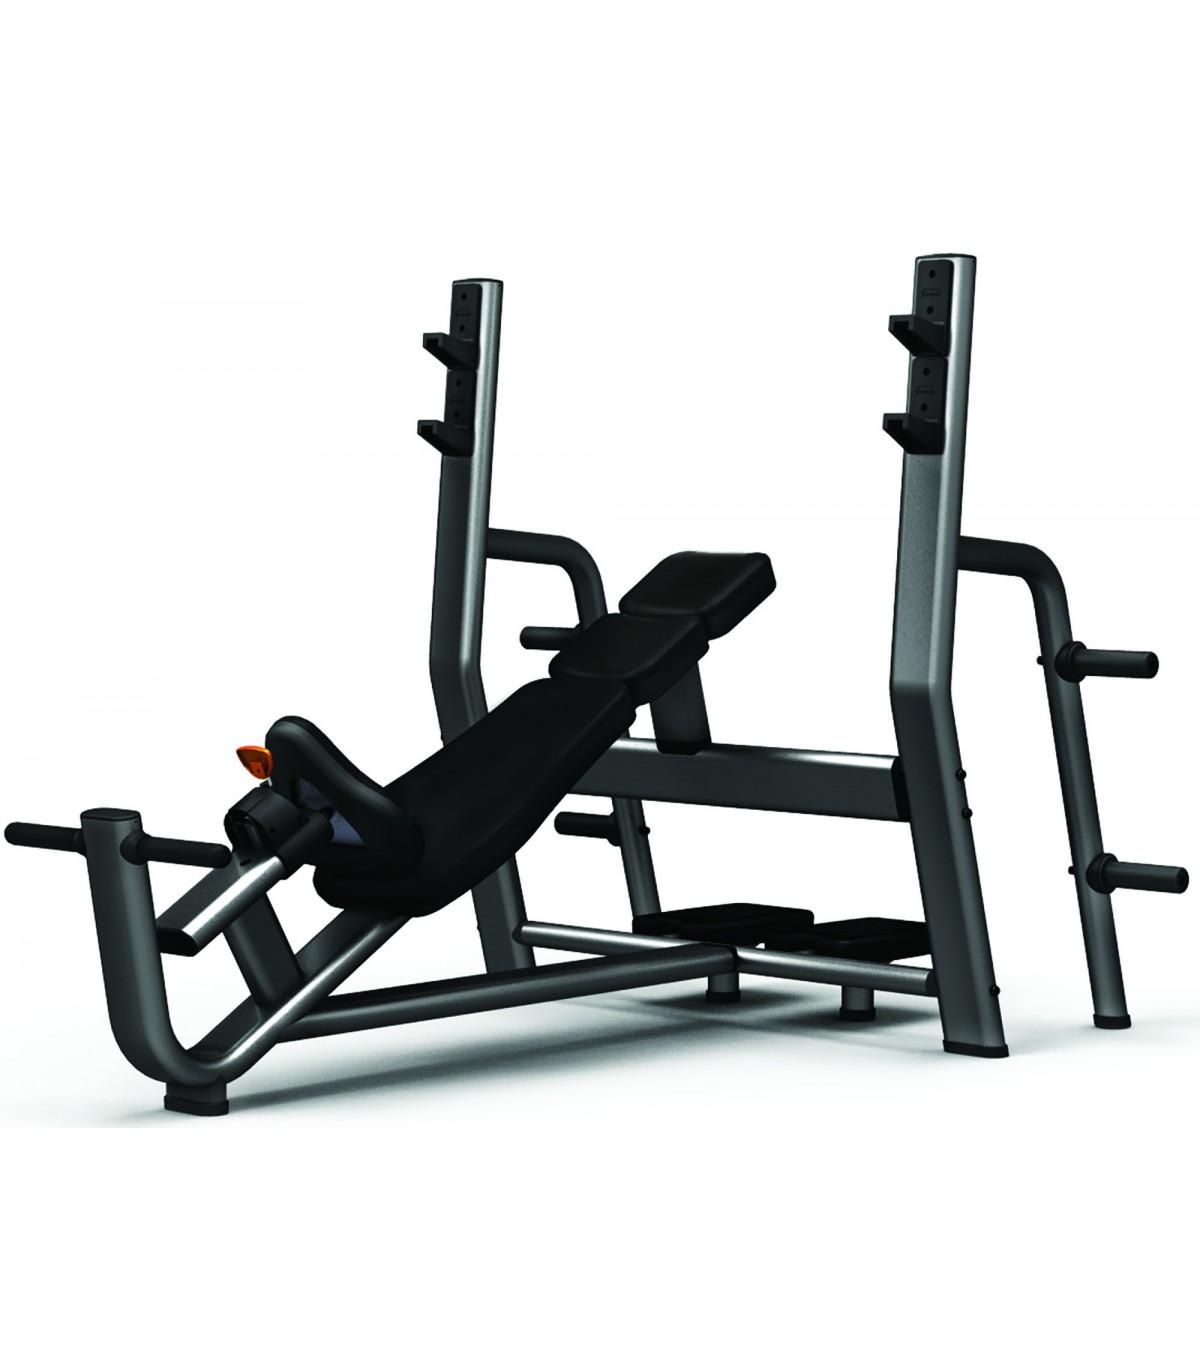 Banc de musculation professionnel d velopp inclin care fitness - Banc de musculation complet professionnel ...